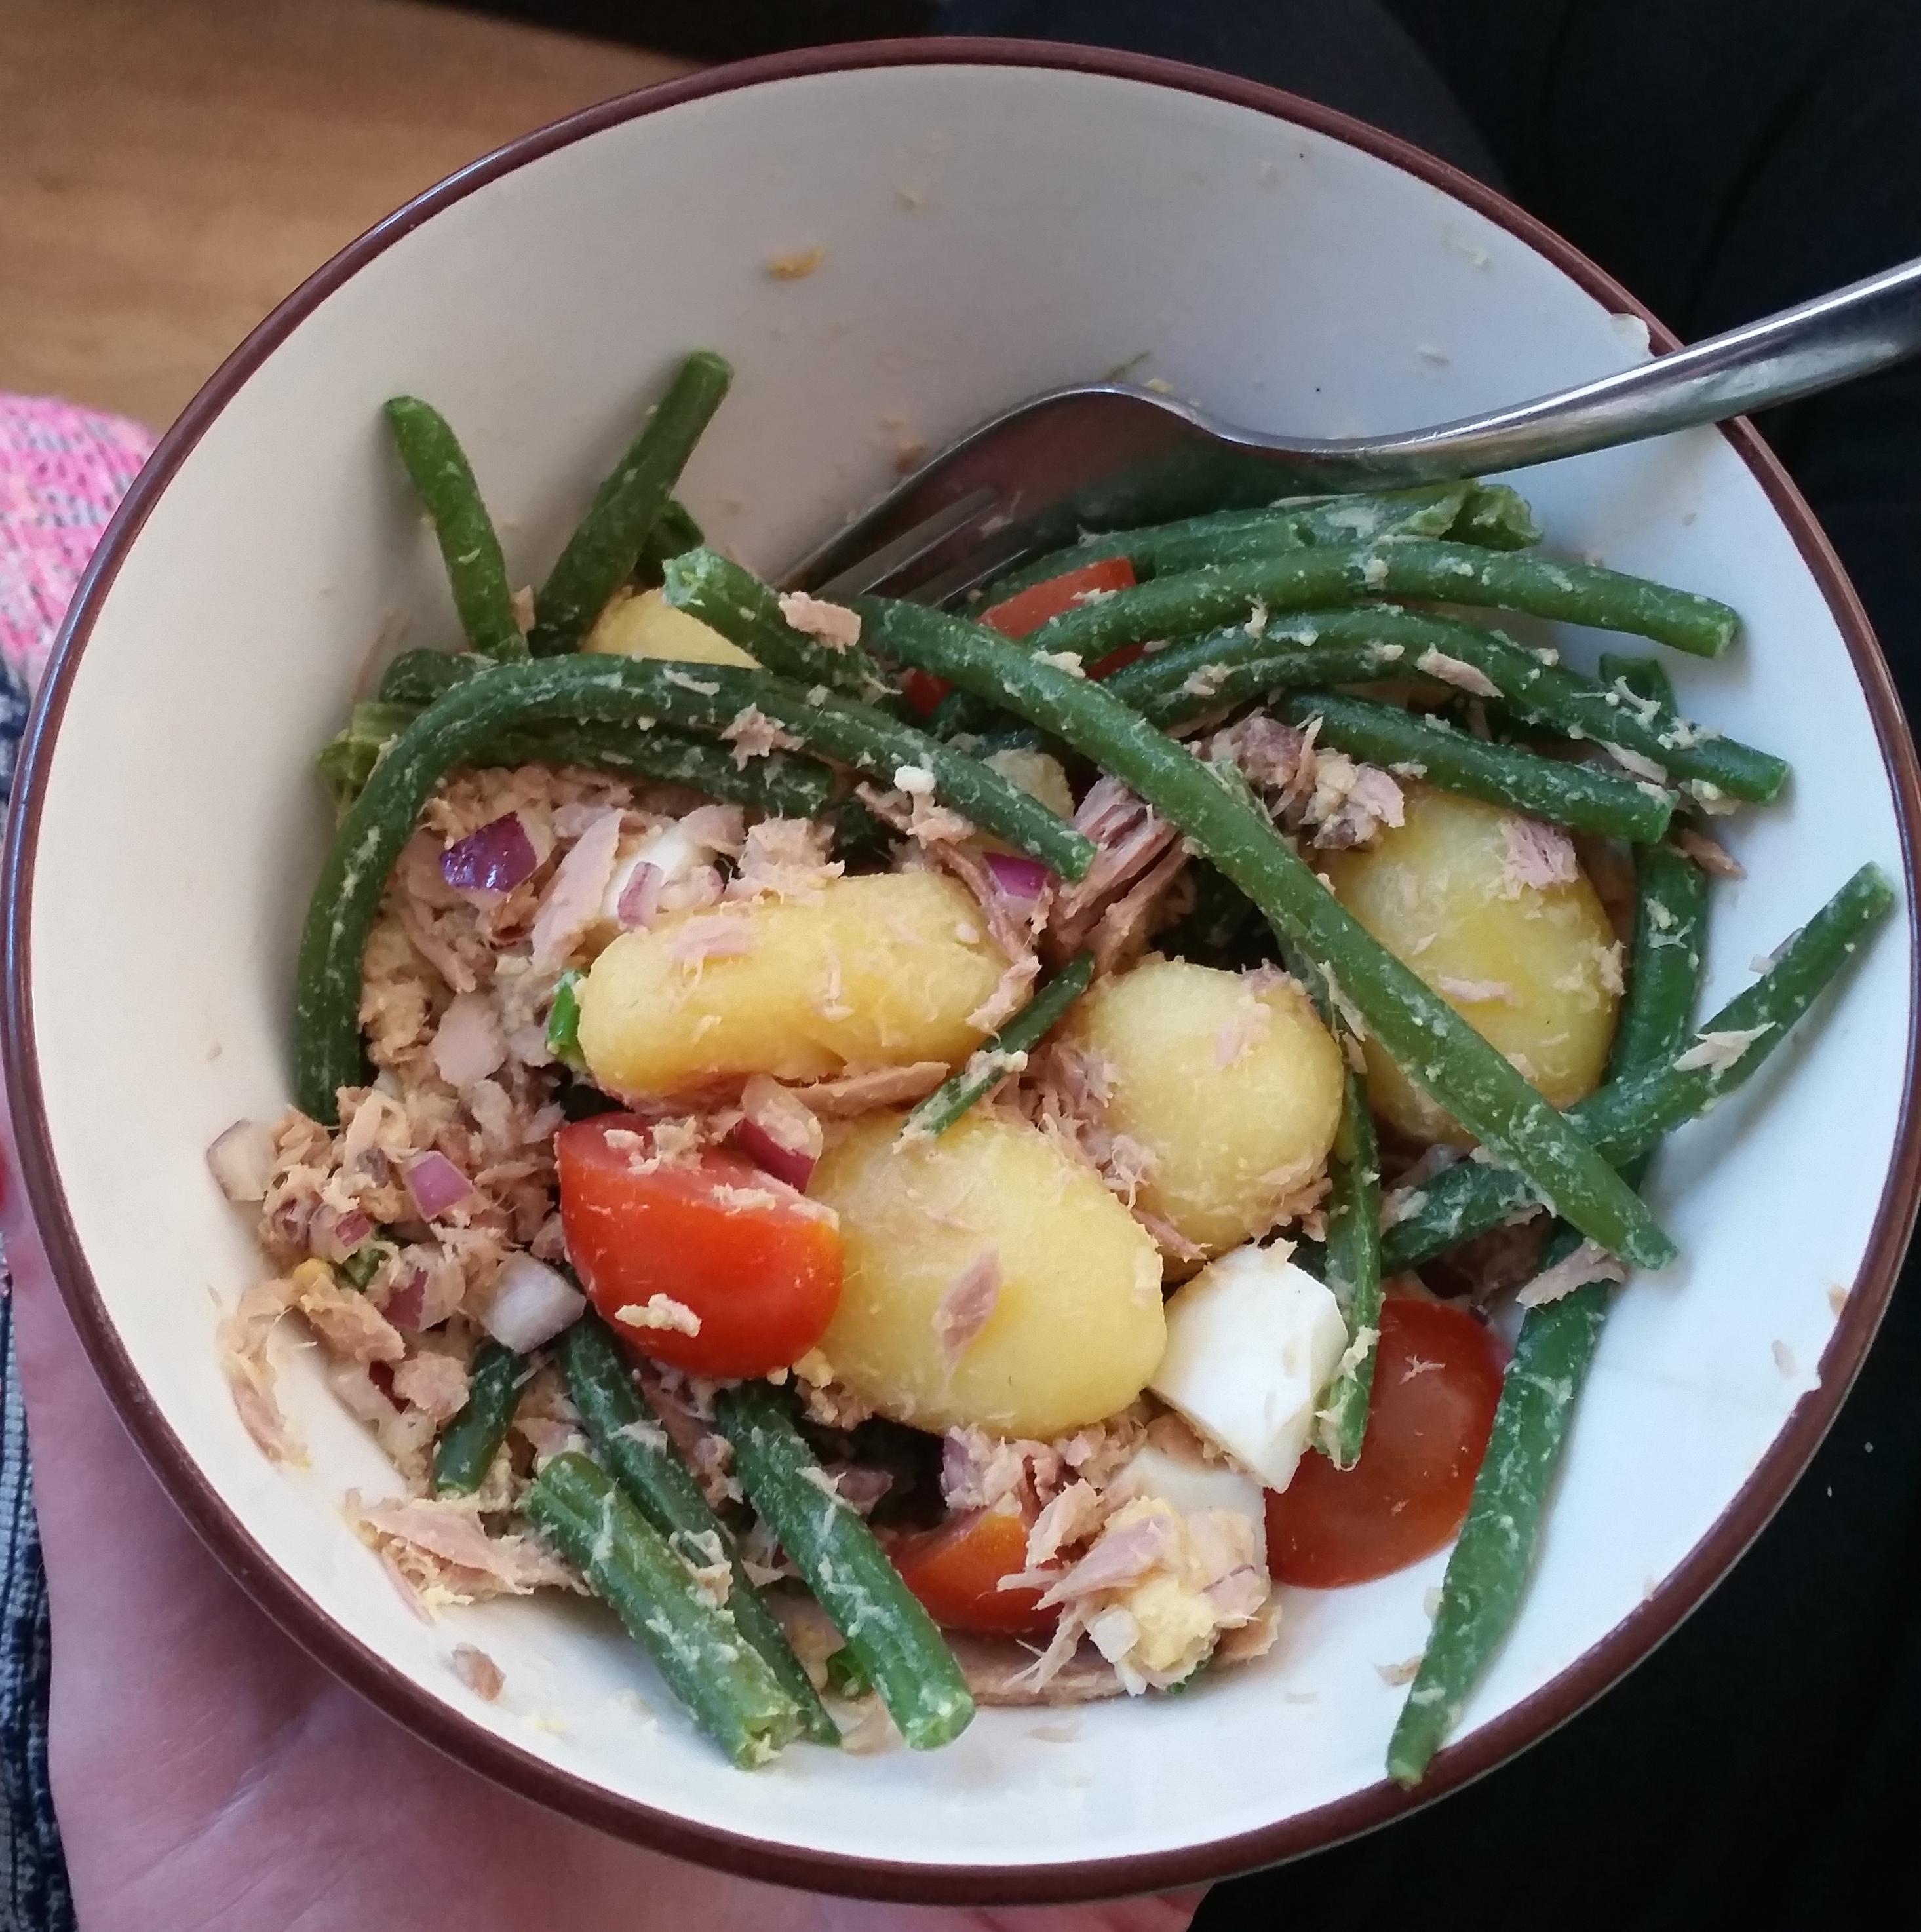 Maaltijdsalade met tonijn en haricots verts